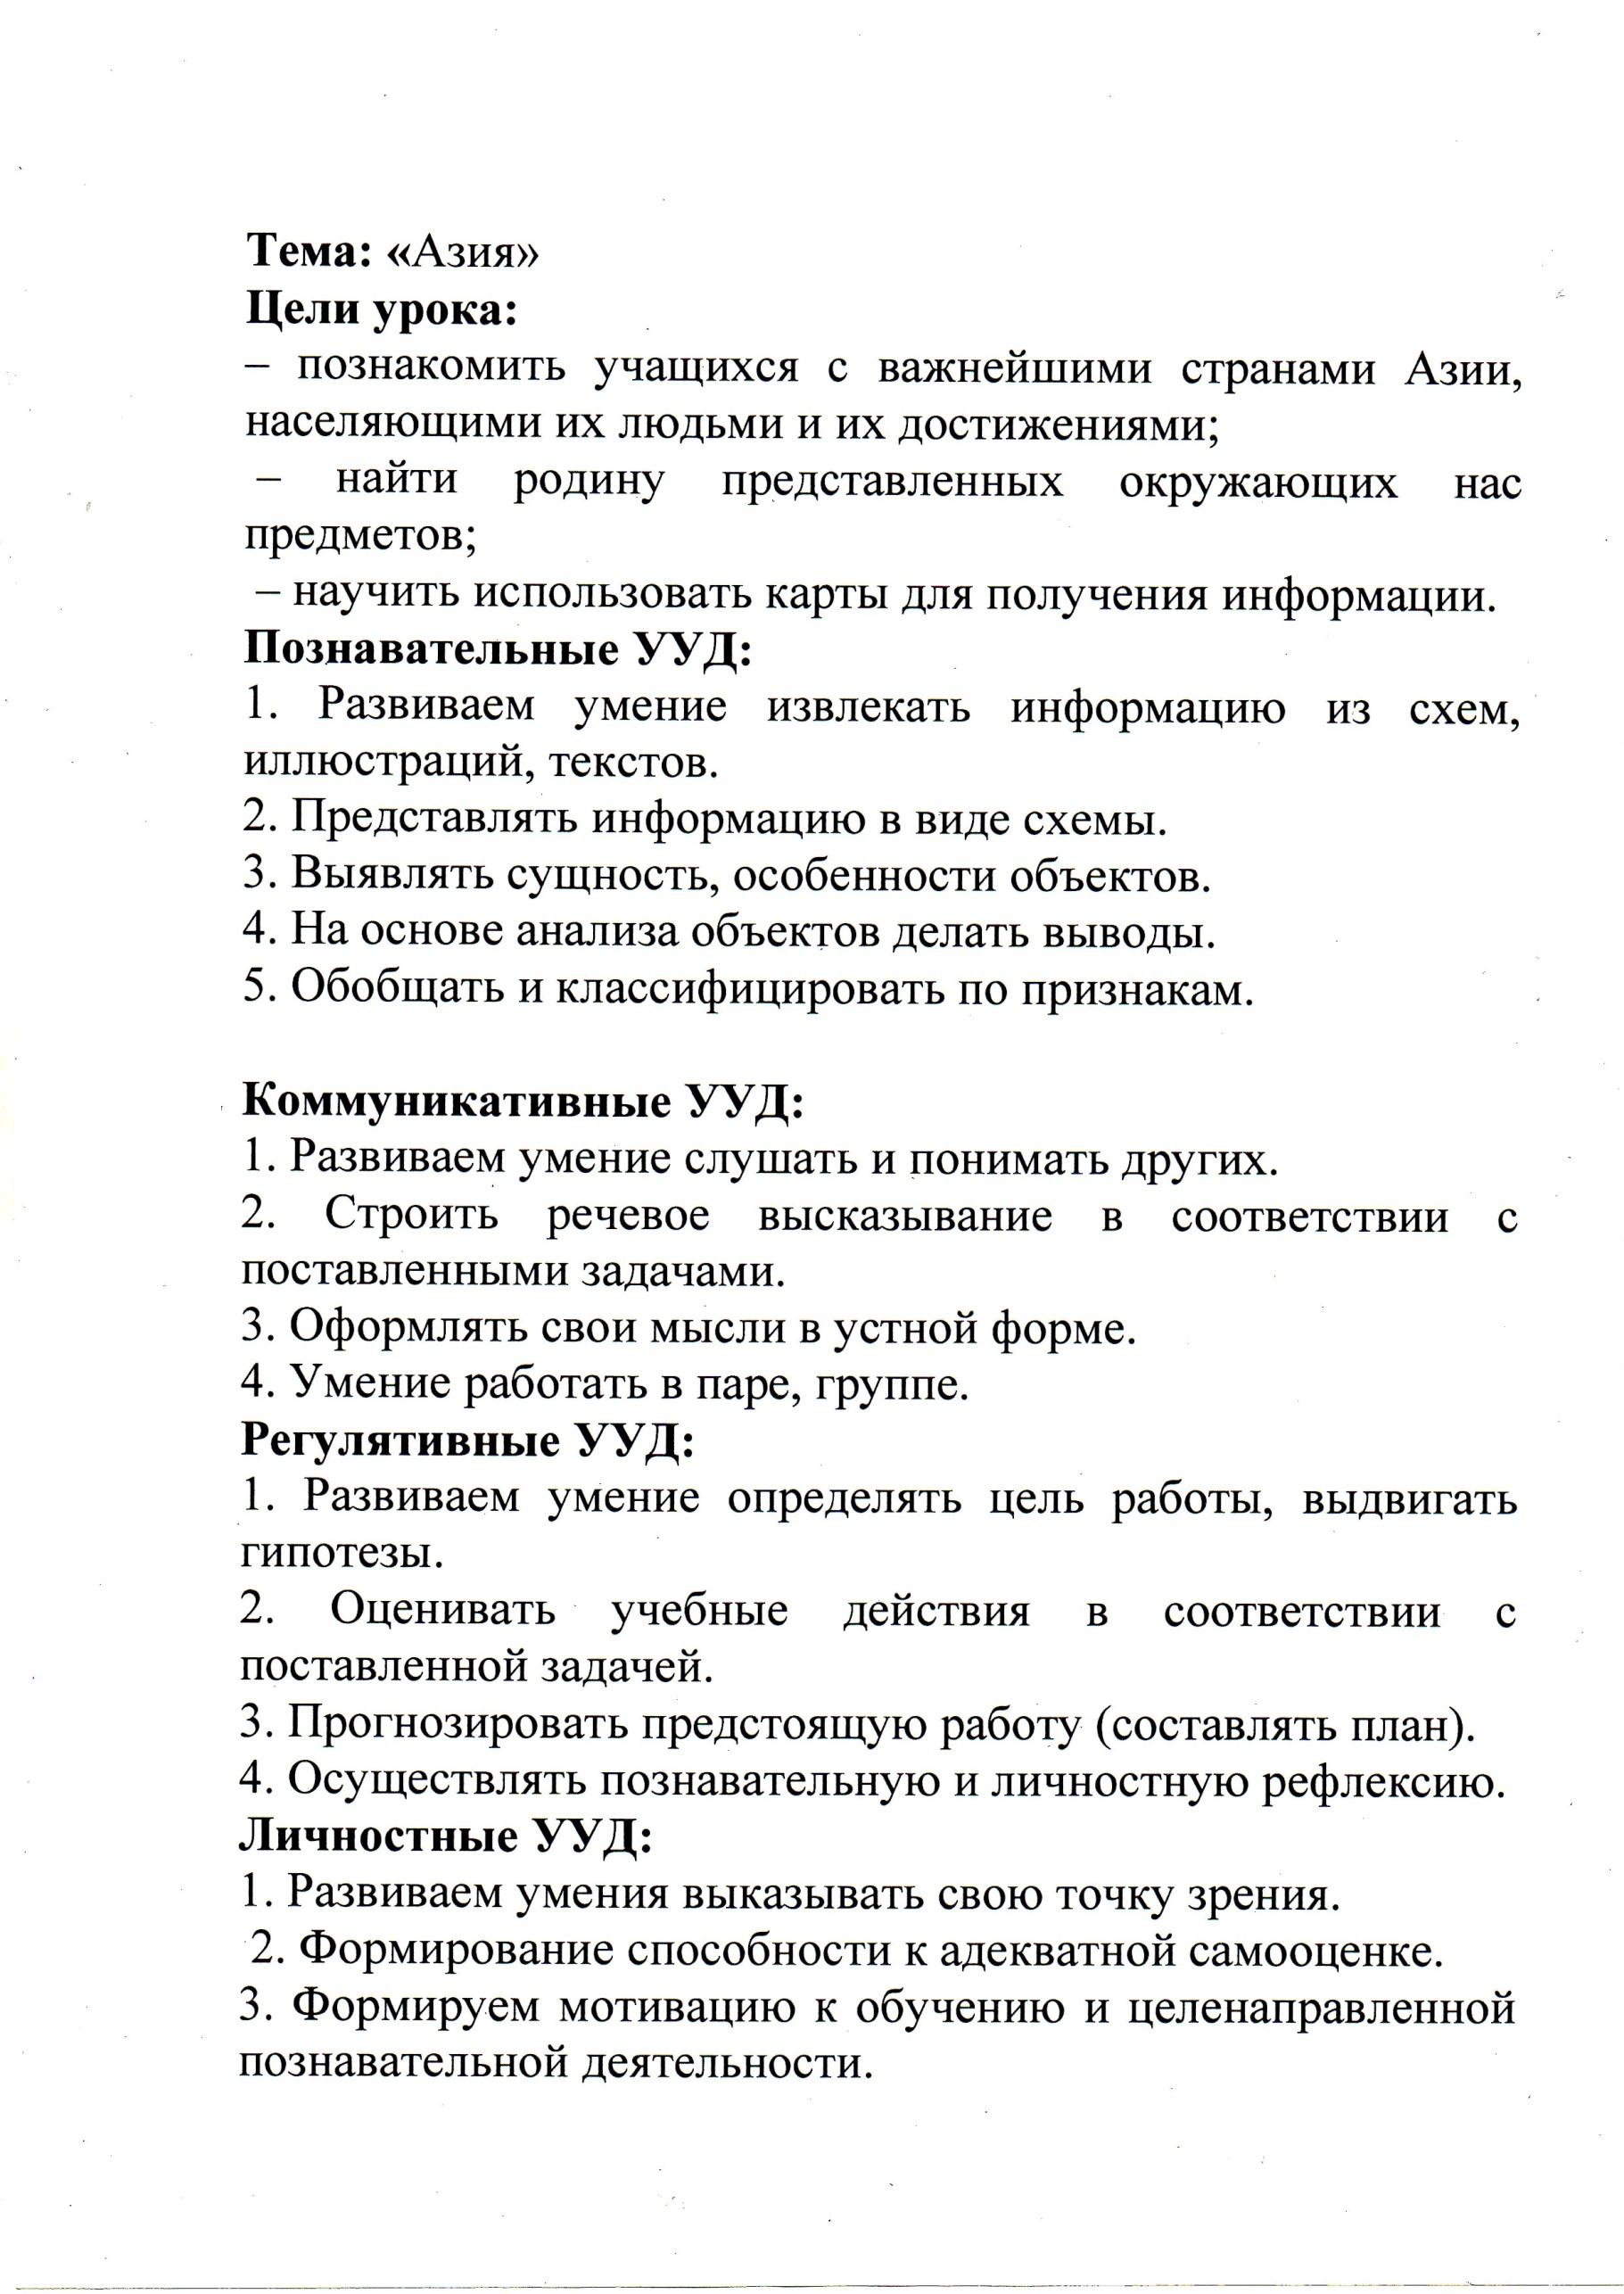 hello_html_15a6dc38.jpg